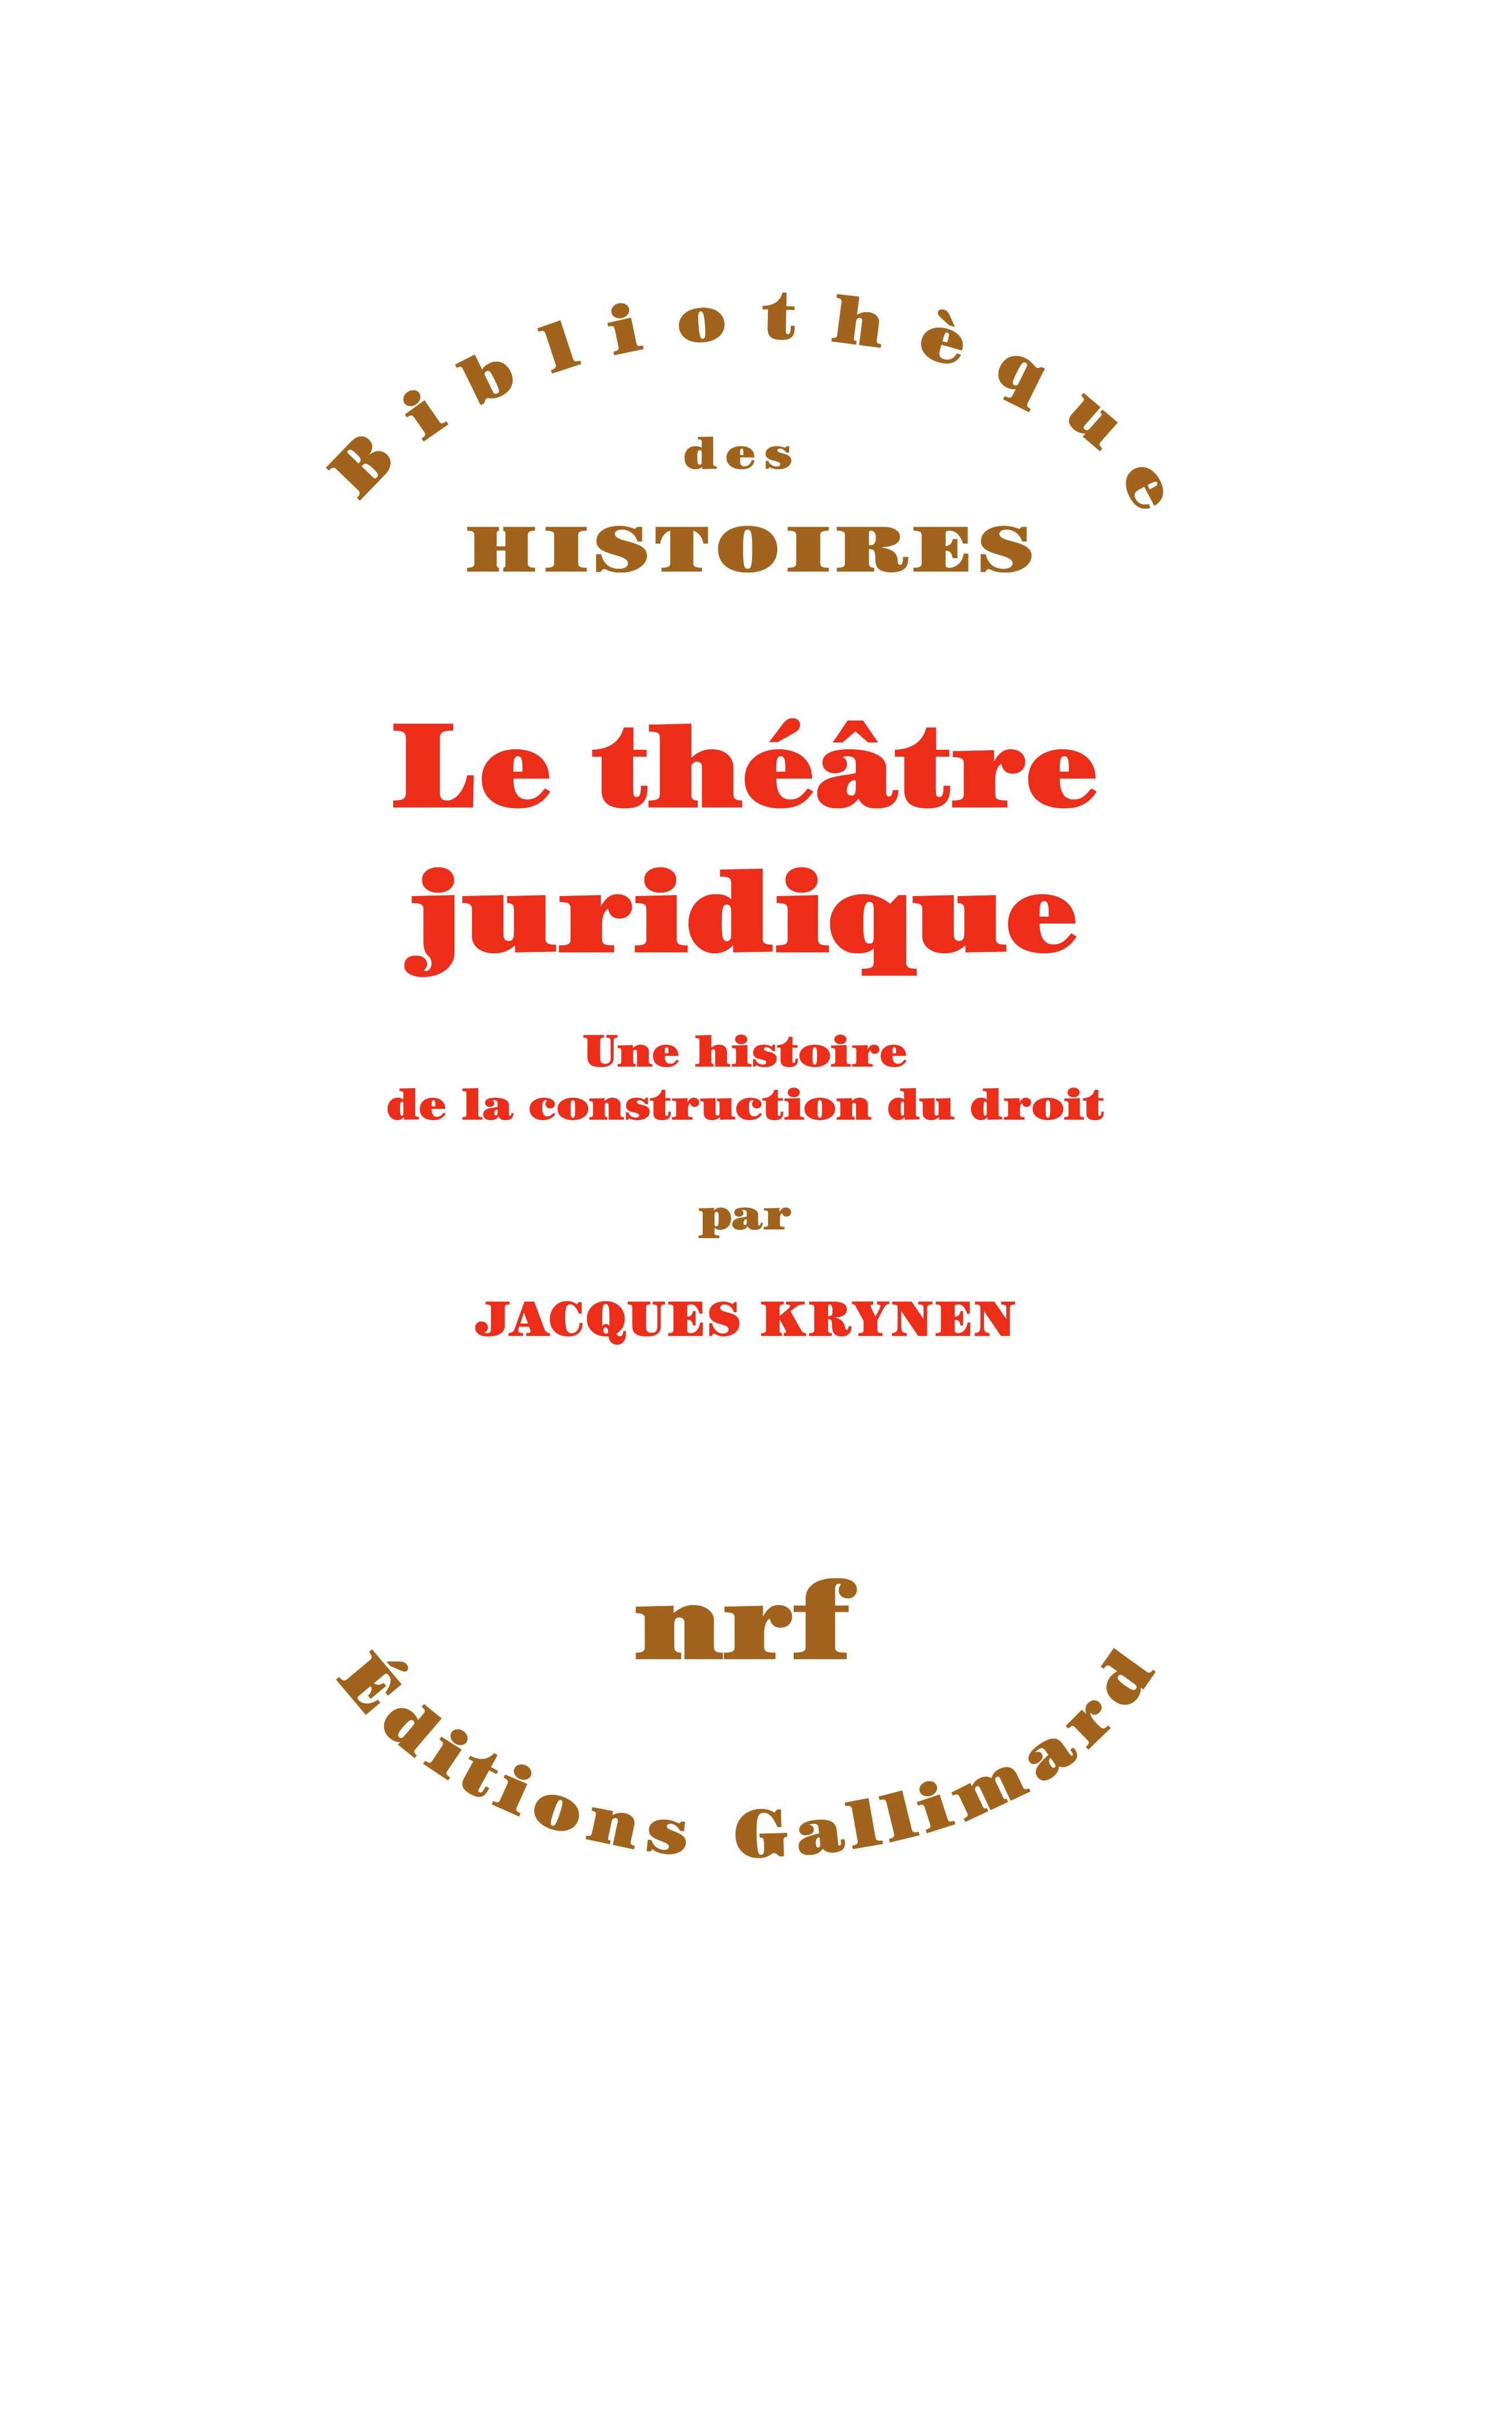 LE THEATRE JURIDIQUE - UNE HISTOIRE DE LA CONSTRUCTION DU DROIT